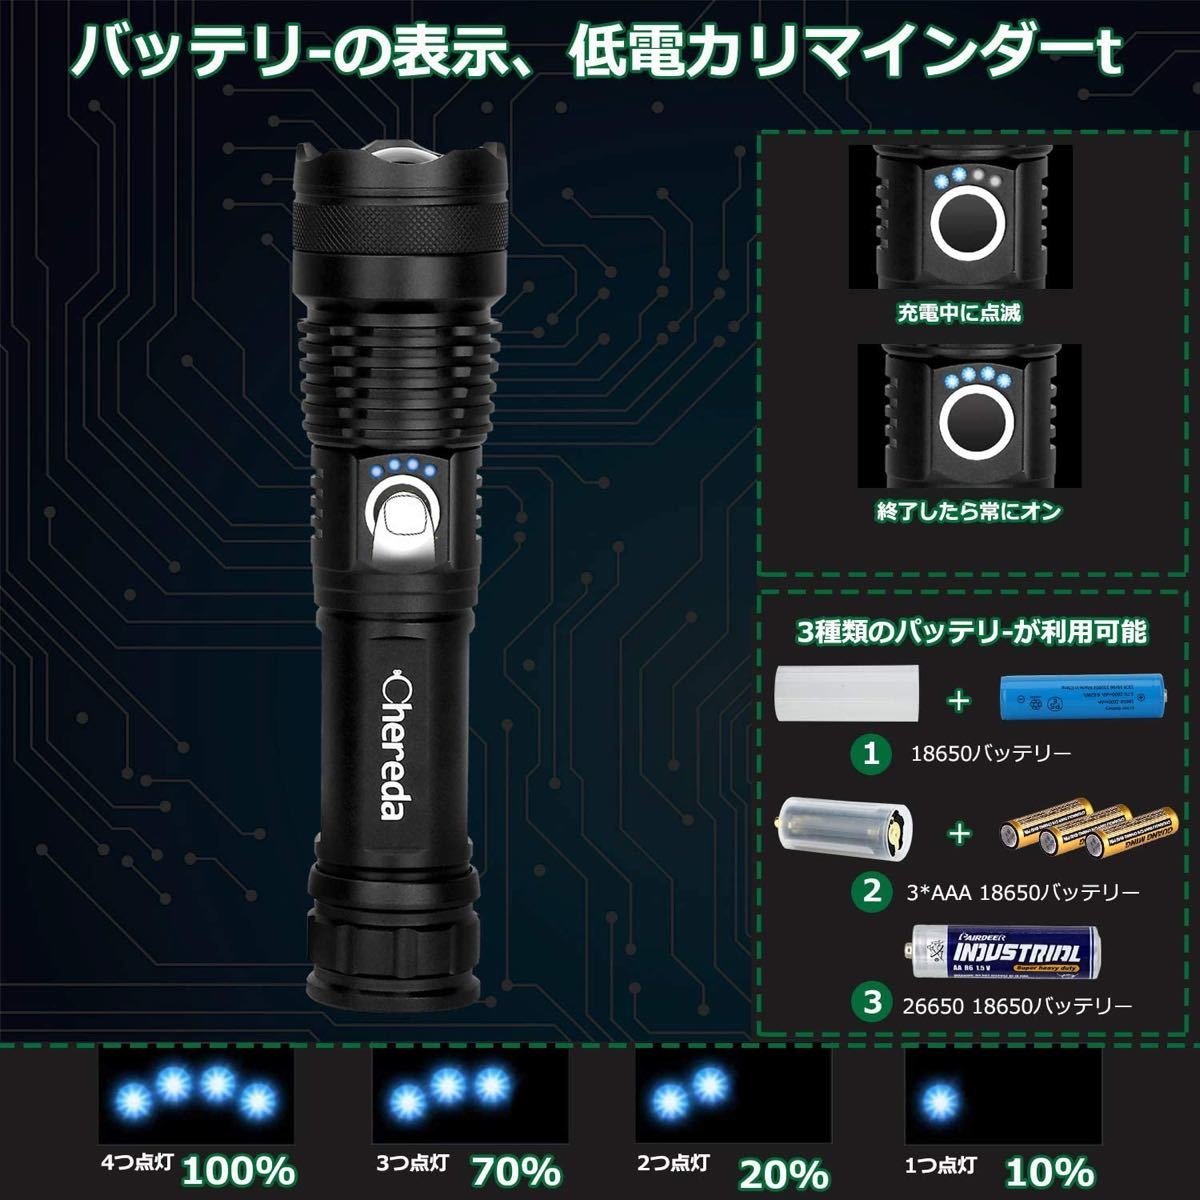 懐中電灯 充電式 LED ライト usb充電式 超高輝度 ハンディライト